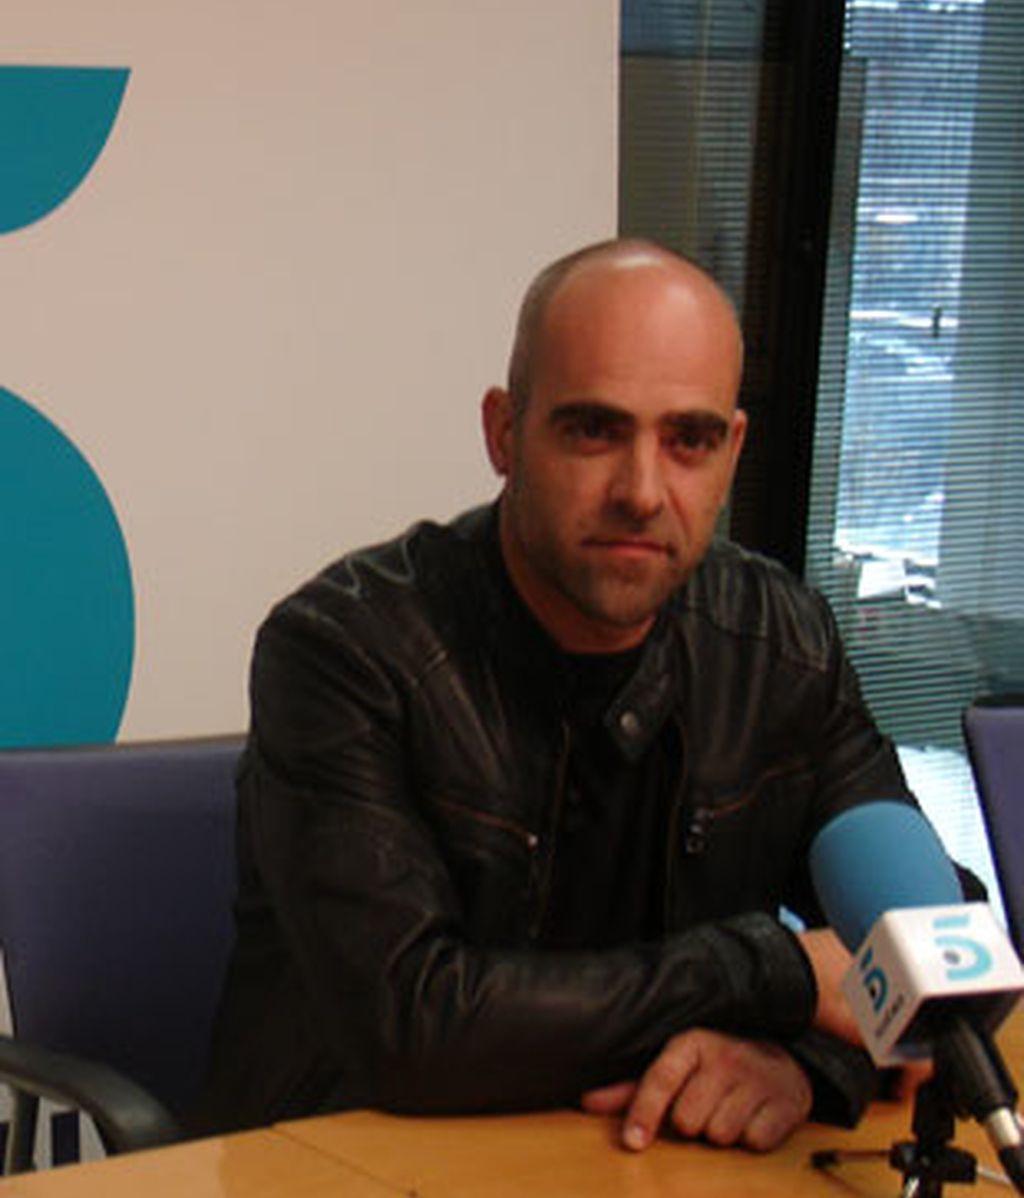 Luis Tosar ha derrochado simpatía en el encuentro digital con InformativosTelecinco.com. Video: Informativos Telecinco.